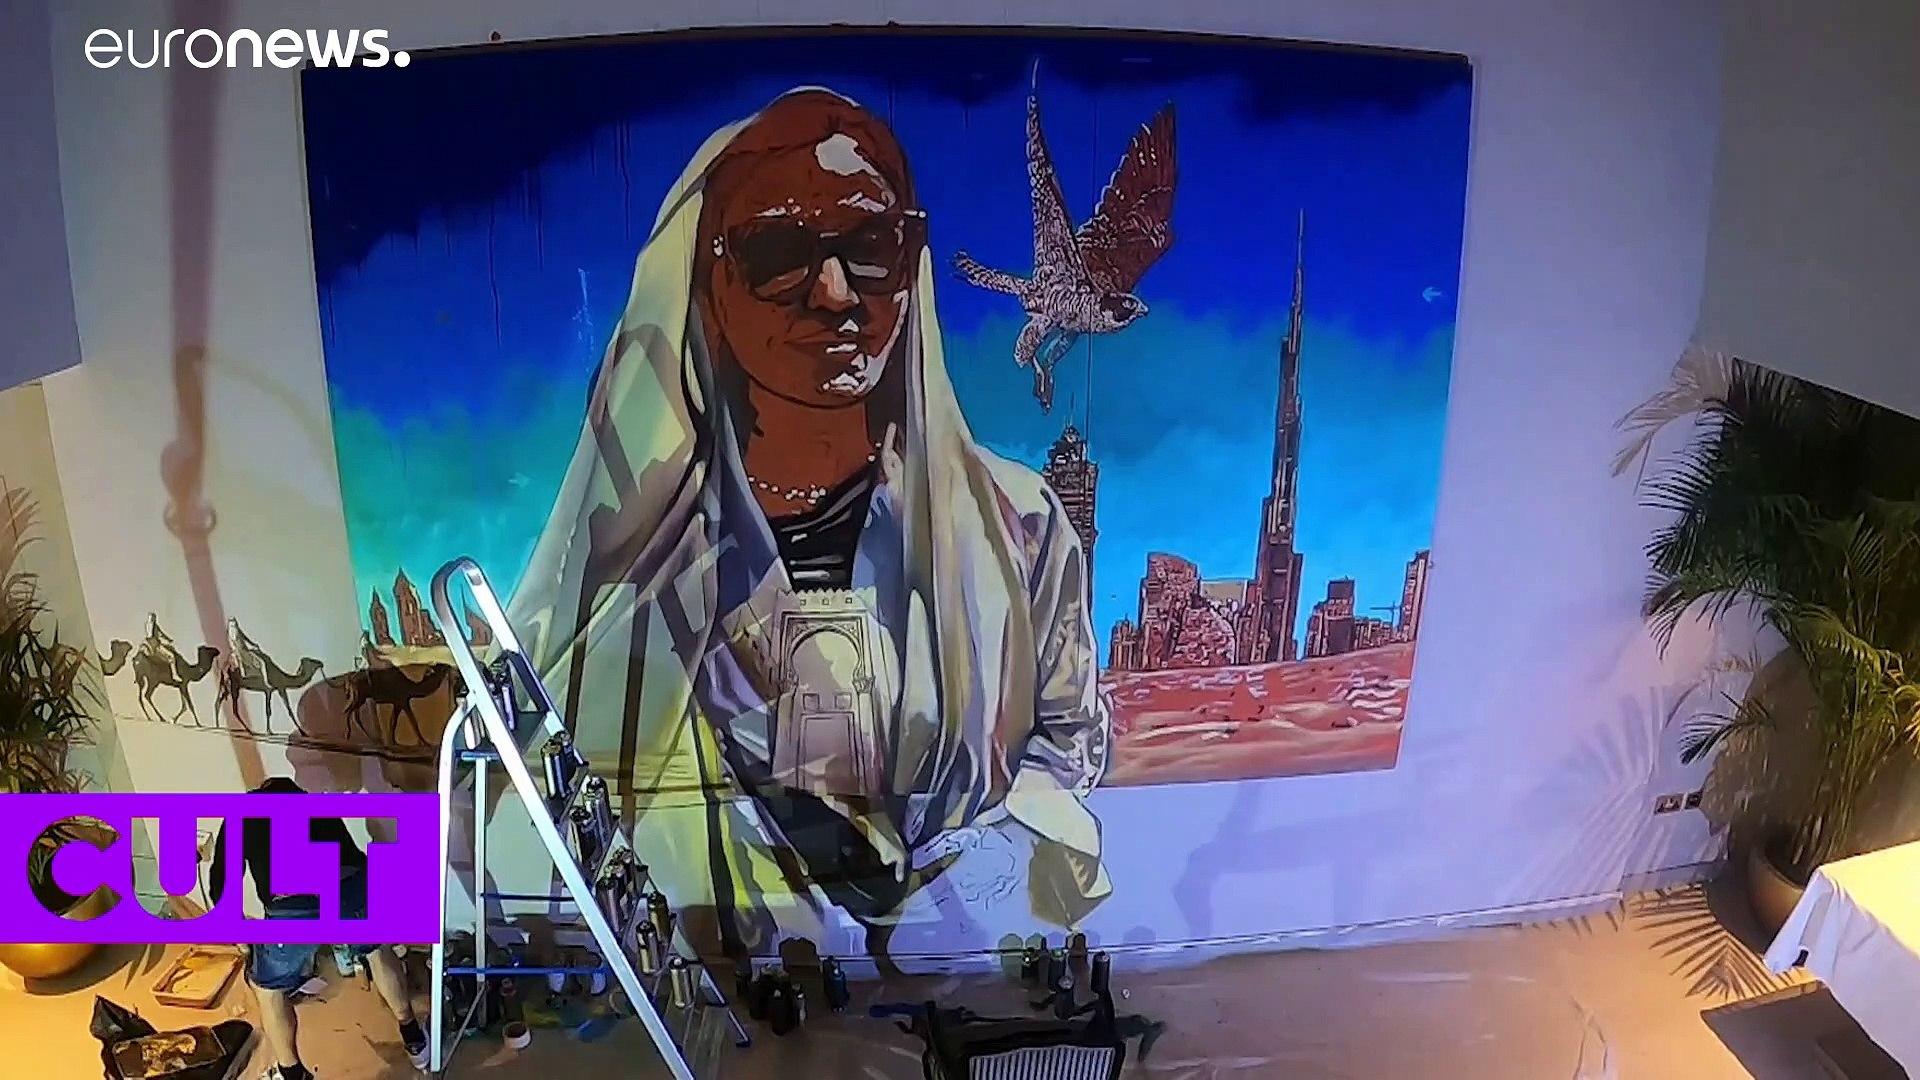 الفن وكوفيد 19 .. كيف يتكيف المشهد الفني في دبي مع الوضع الجديد في العالم؟